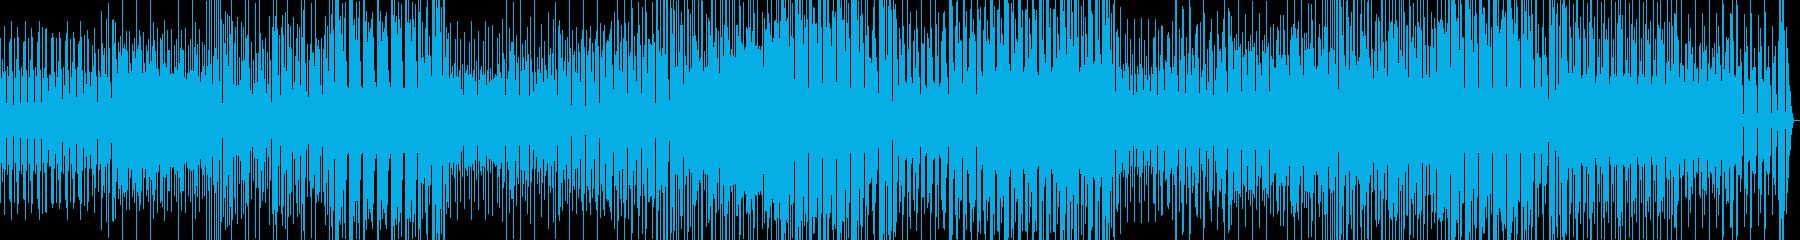 軽快なギターのポップロックの再生済みの波形